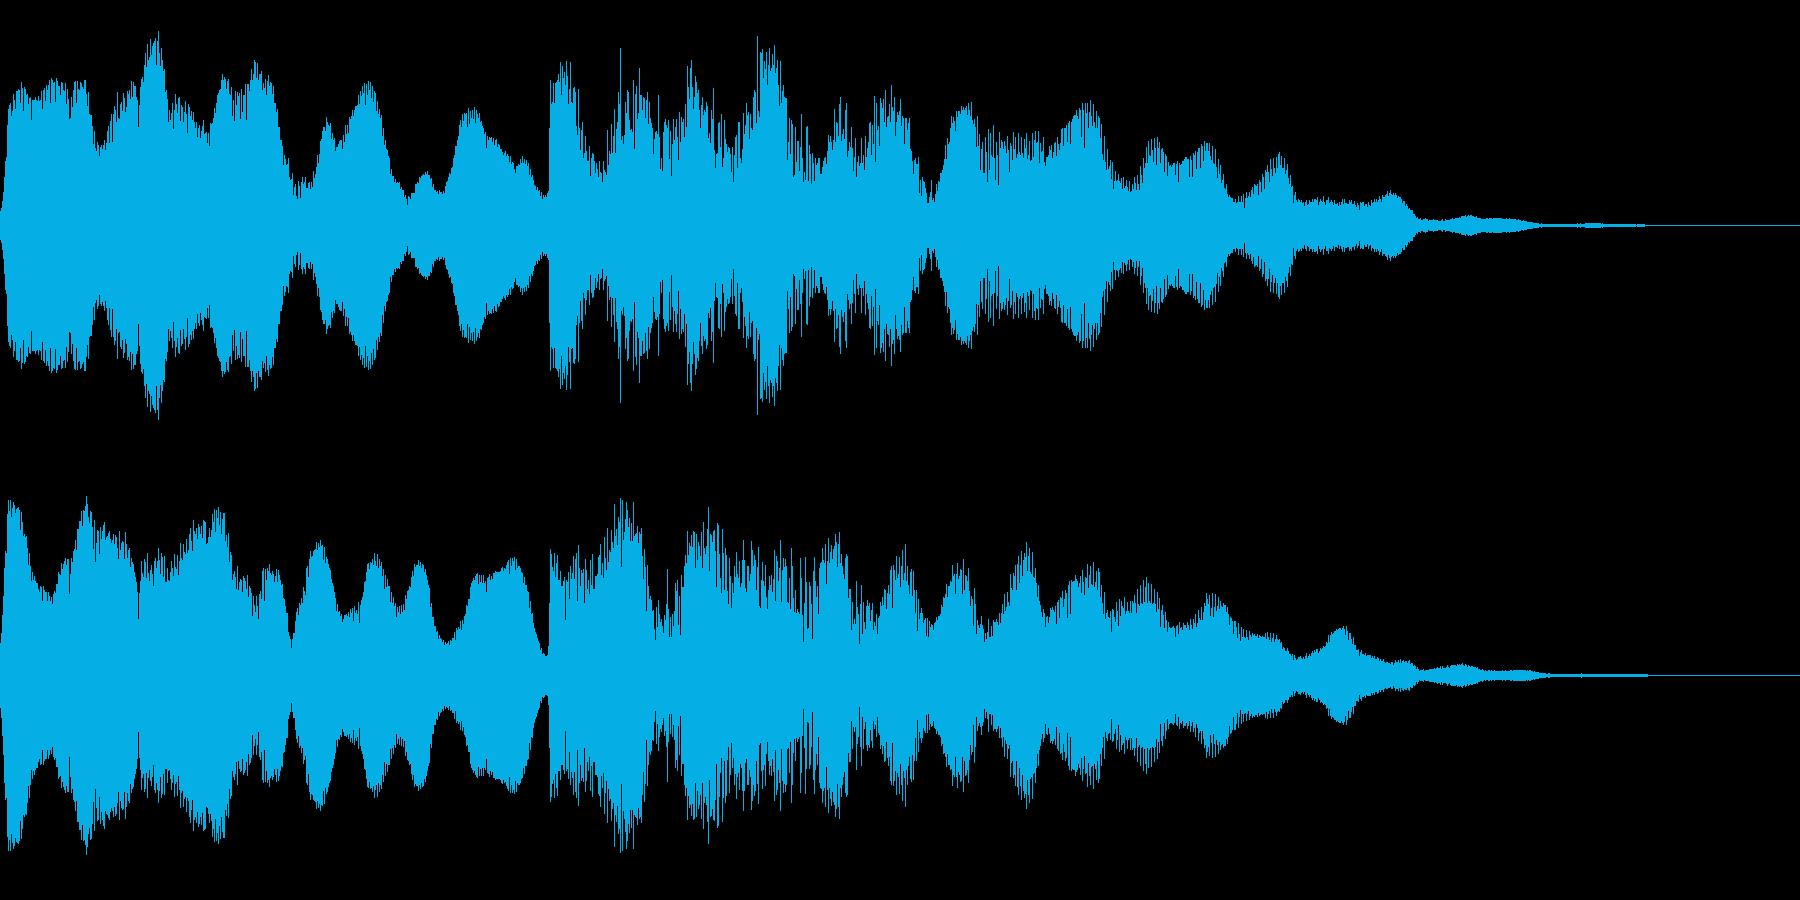 ビブラフォンとシンセサイザーのジングルの再生済みの波形